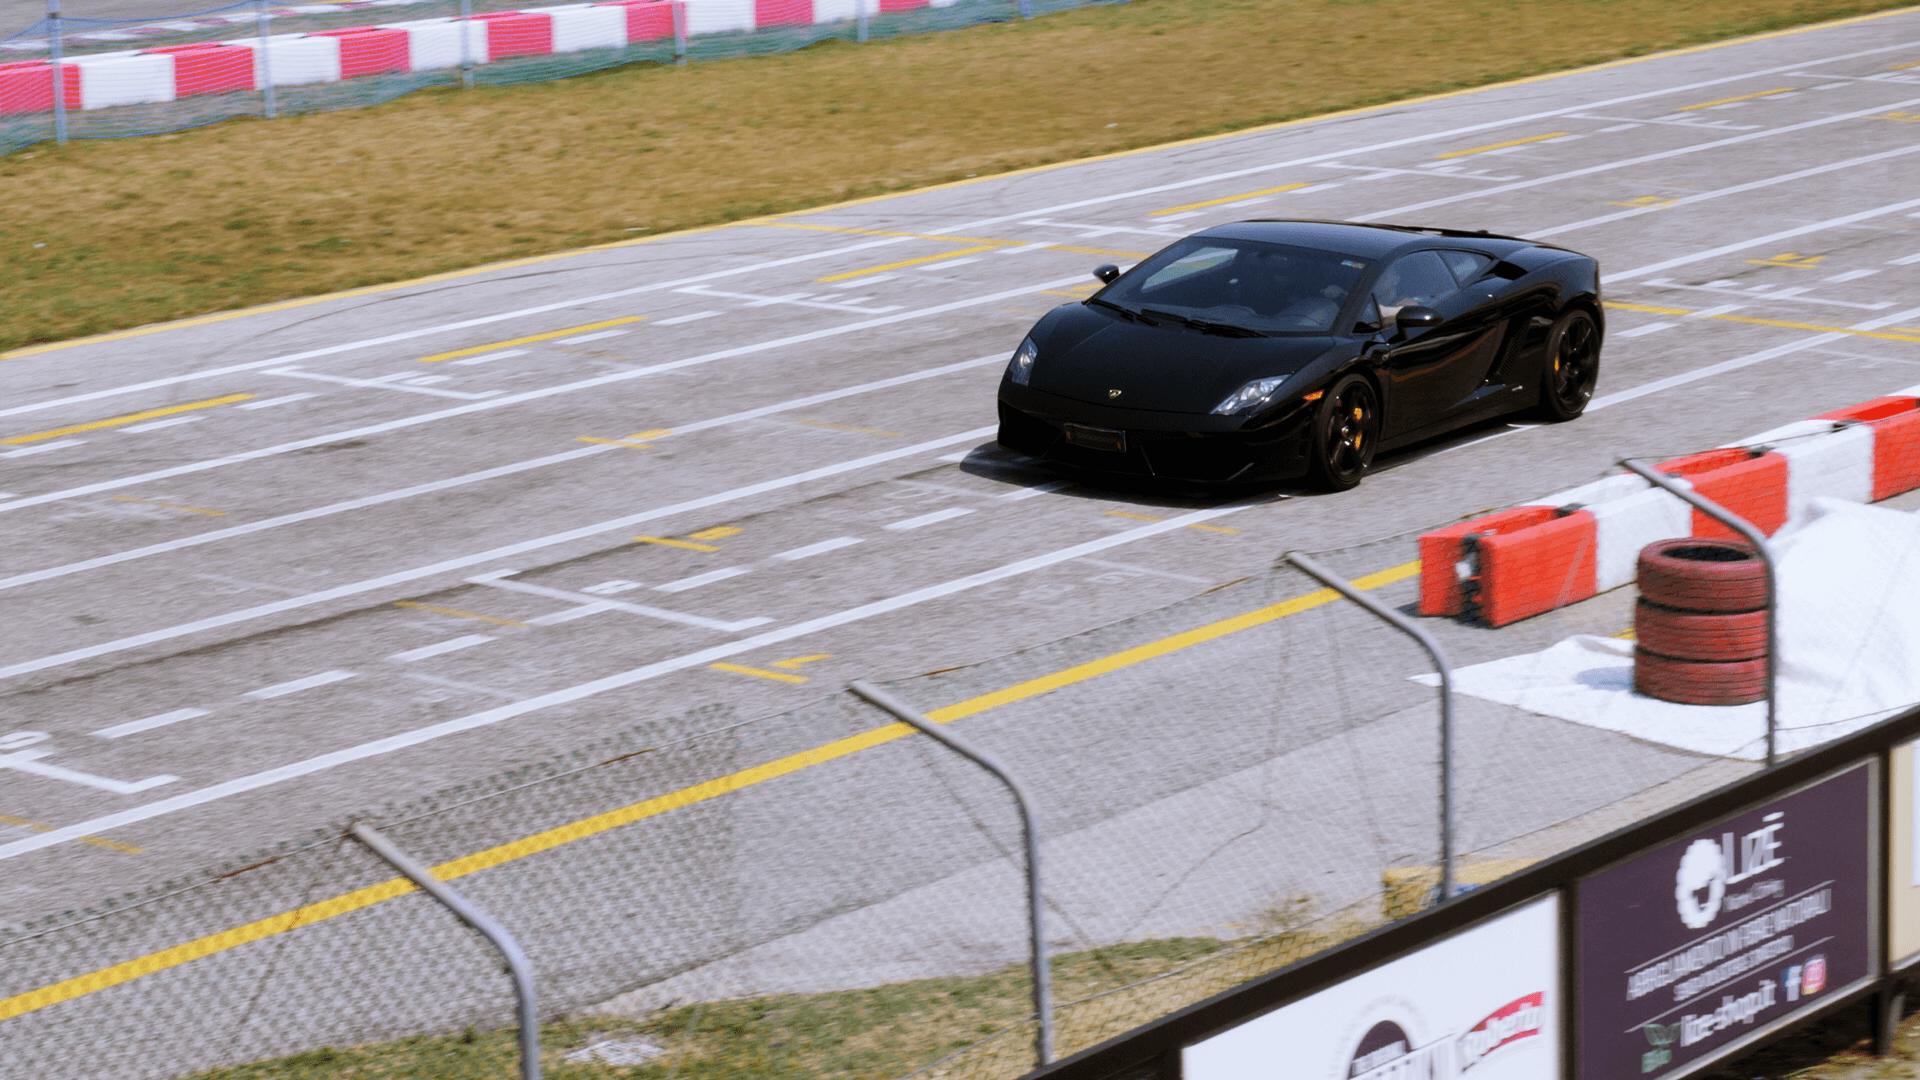 Der schwarze Lamborghini Fallardo von Carschoolbox